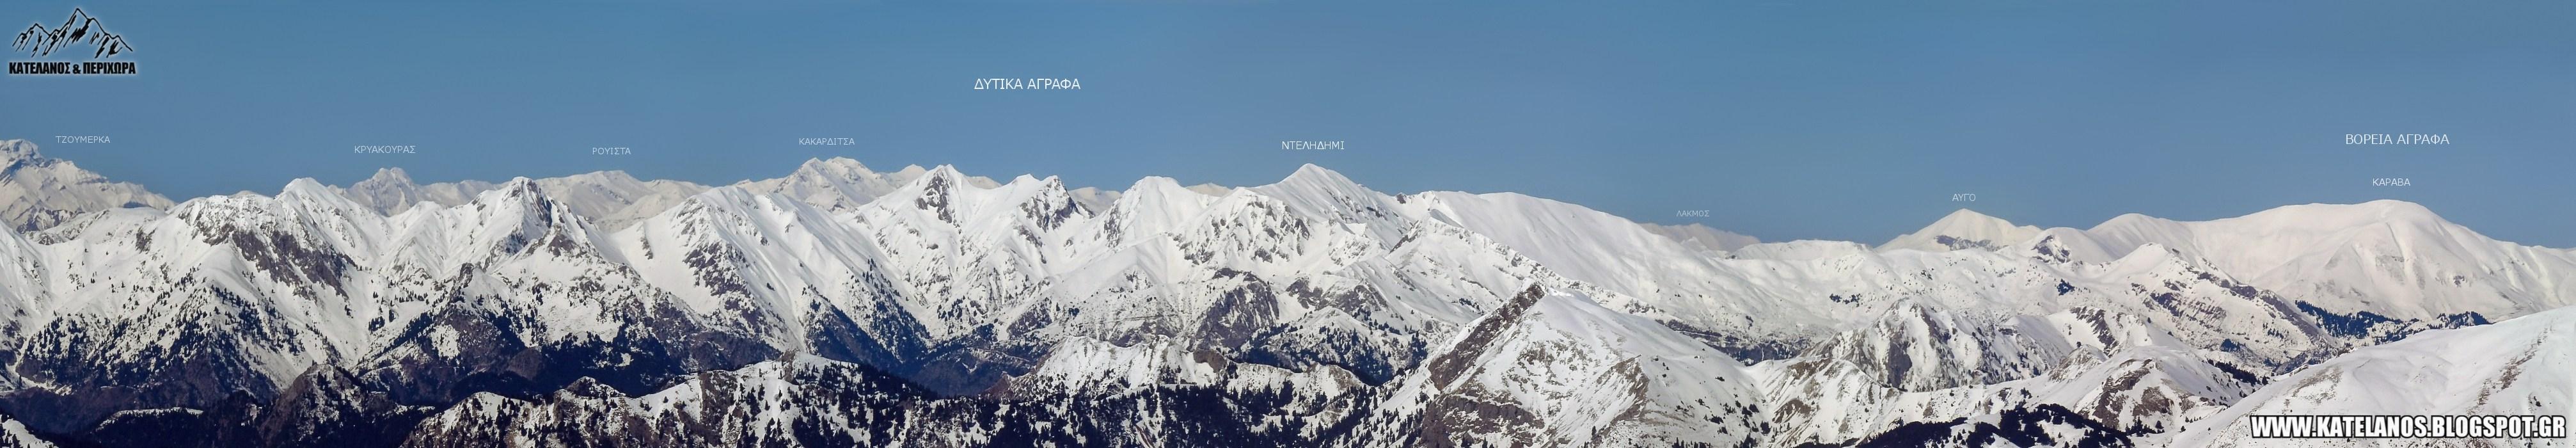 οροσειρά δυτικών αγράφων πανόραμα καράβα βουνό